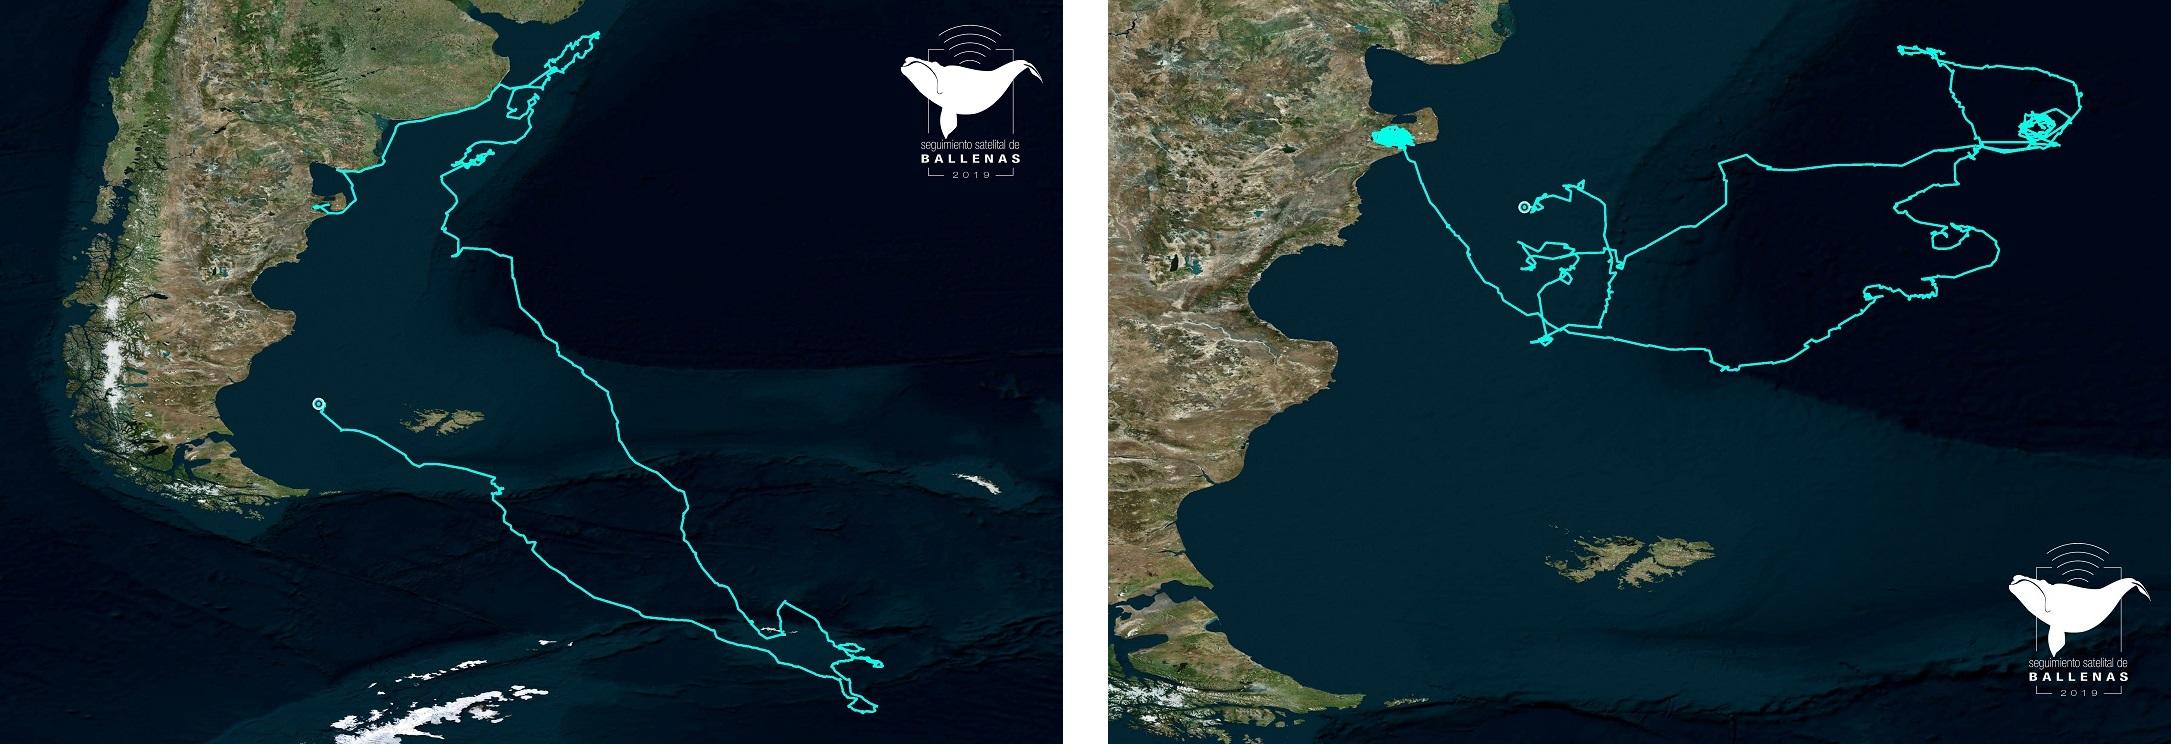 Culmina Con Exito El Seguimiento Satelital De 23 Ballenas Francas En El Atlantico Sur Wcs Argentina